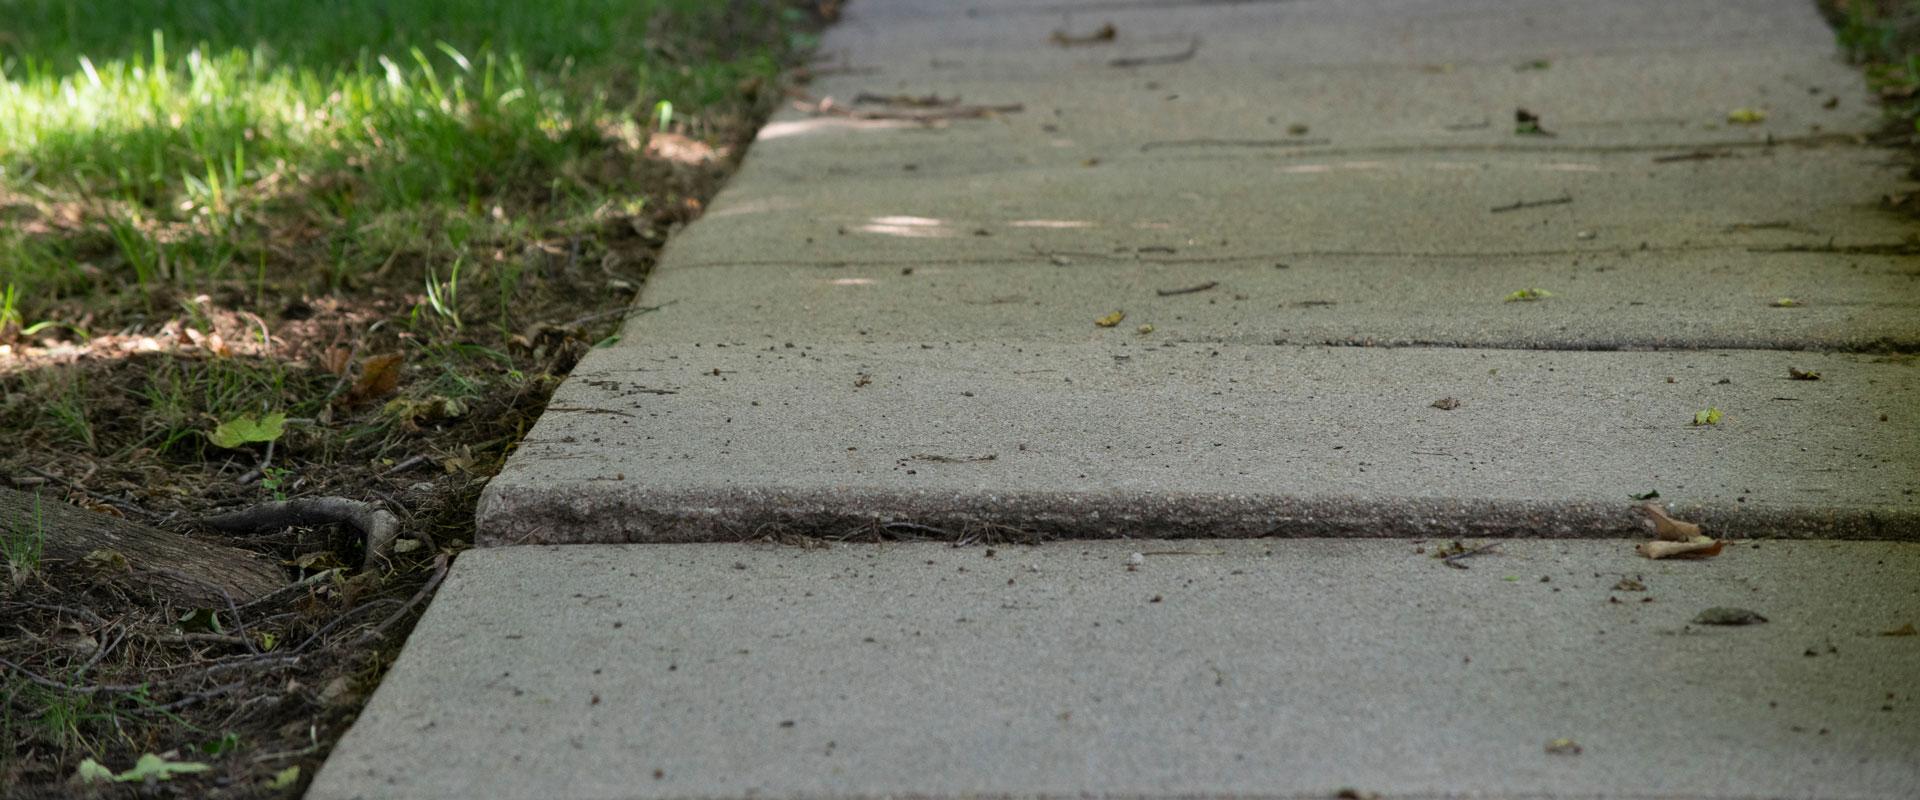 Uneven concrete can be dangerous